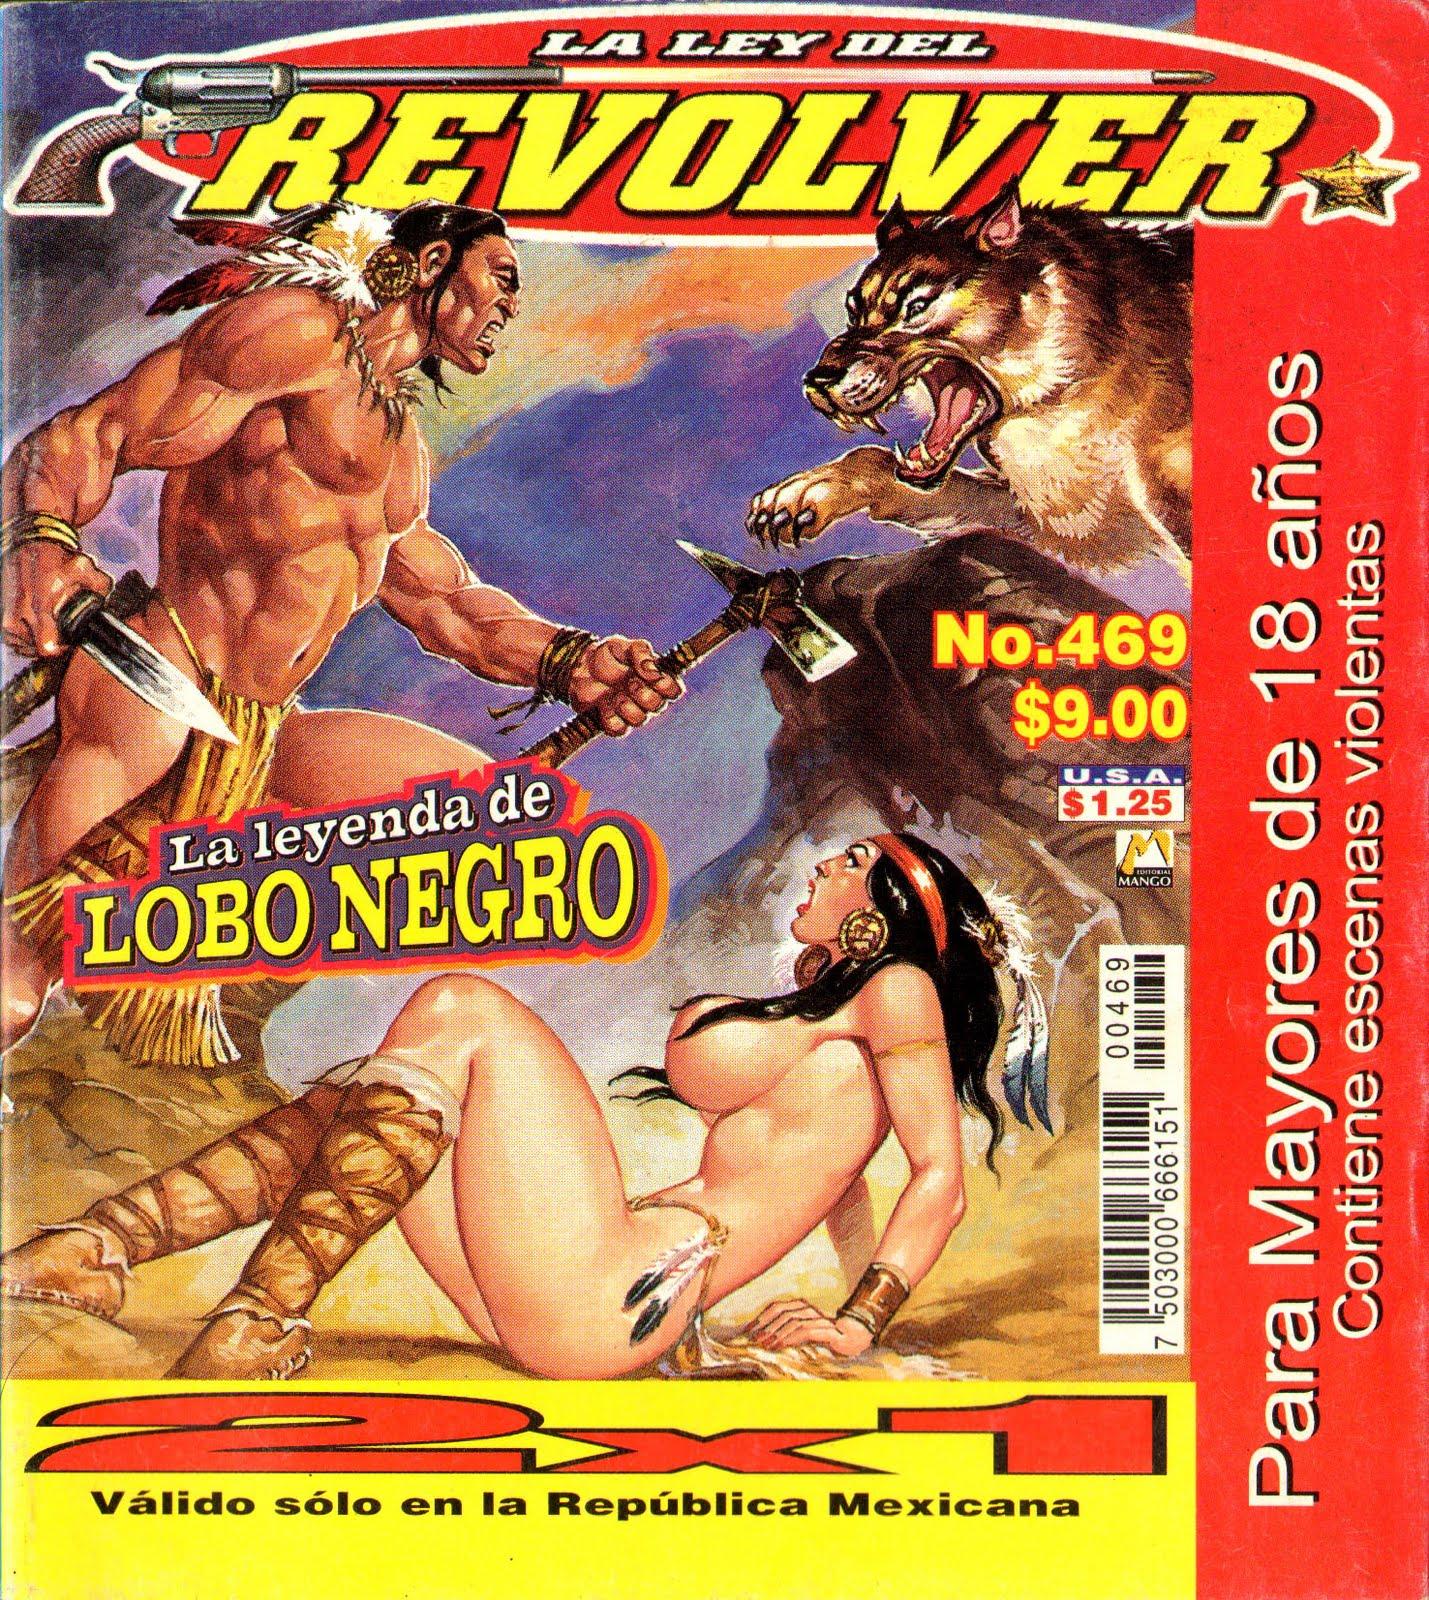 la_ley_del_revolver_no469